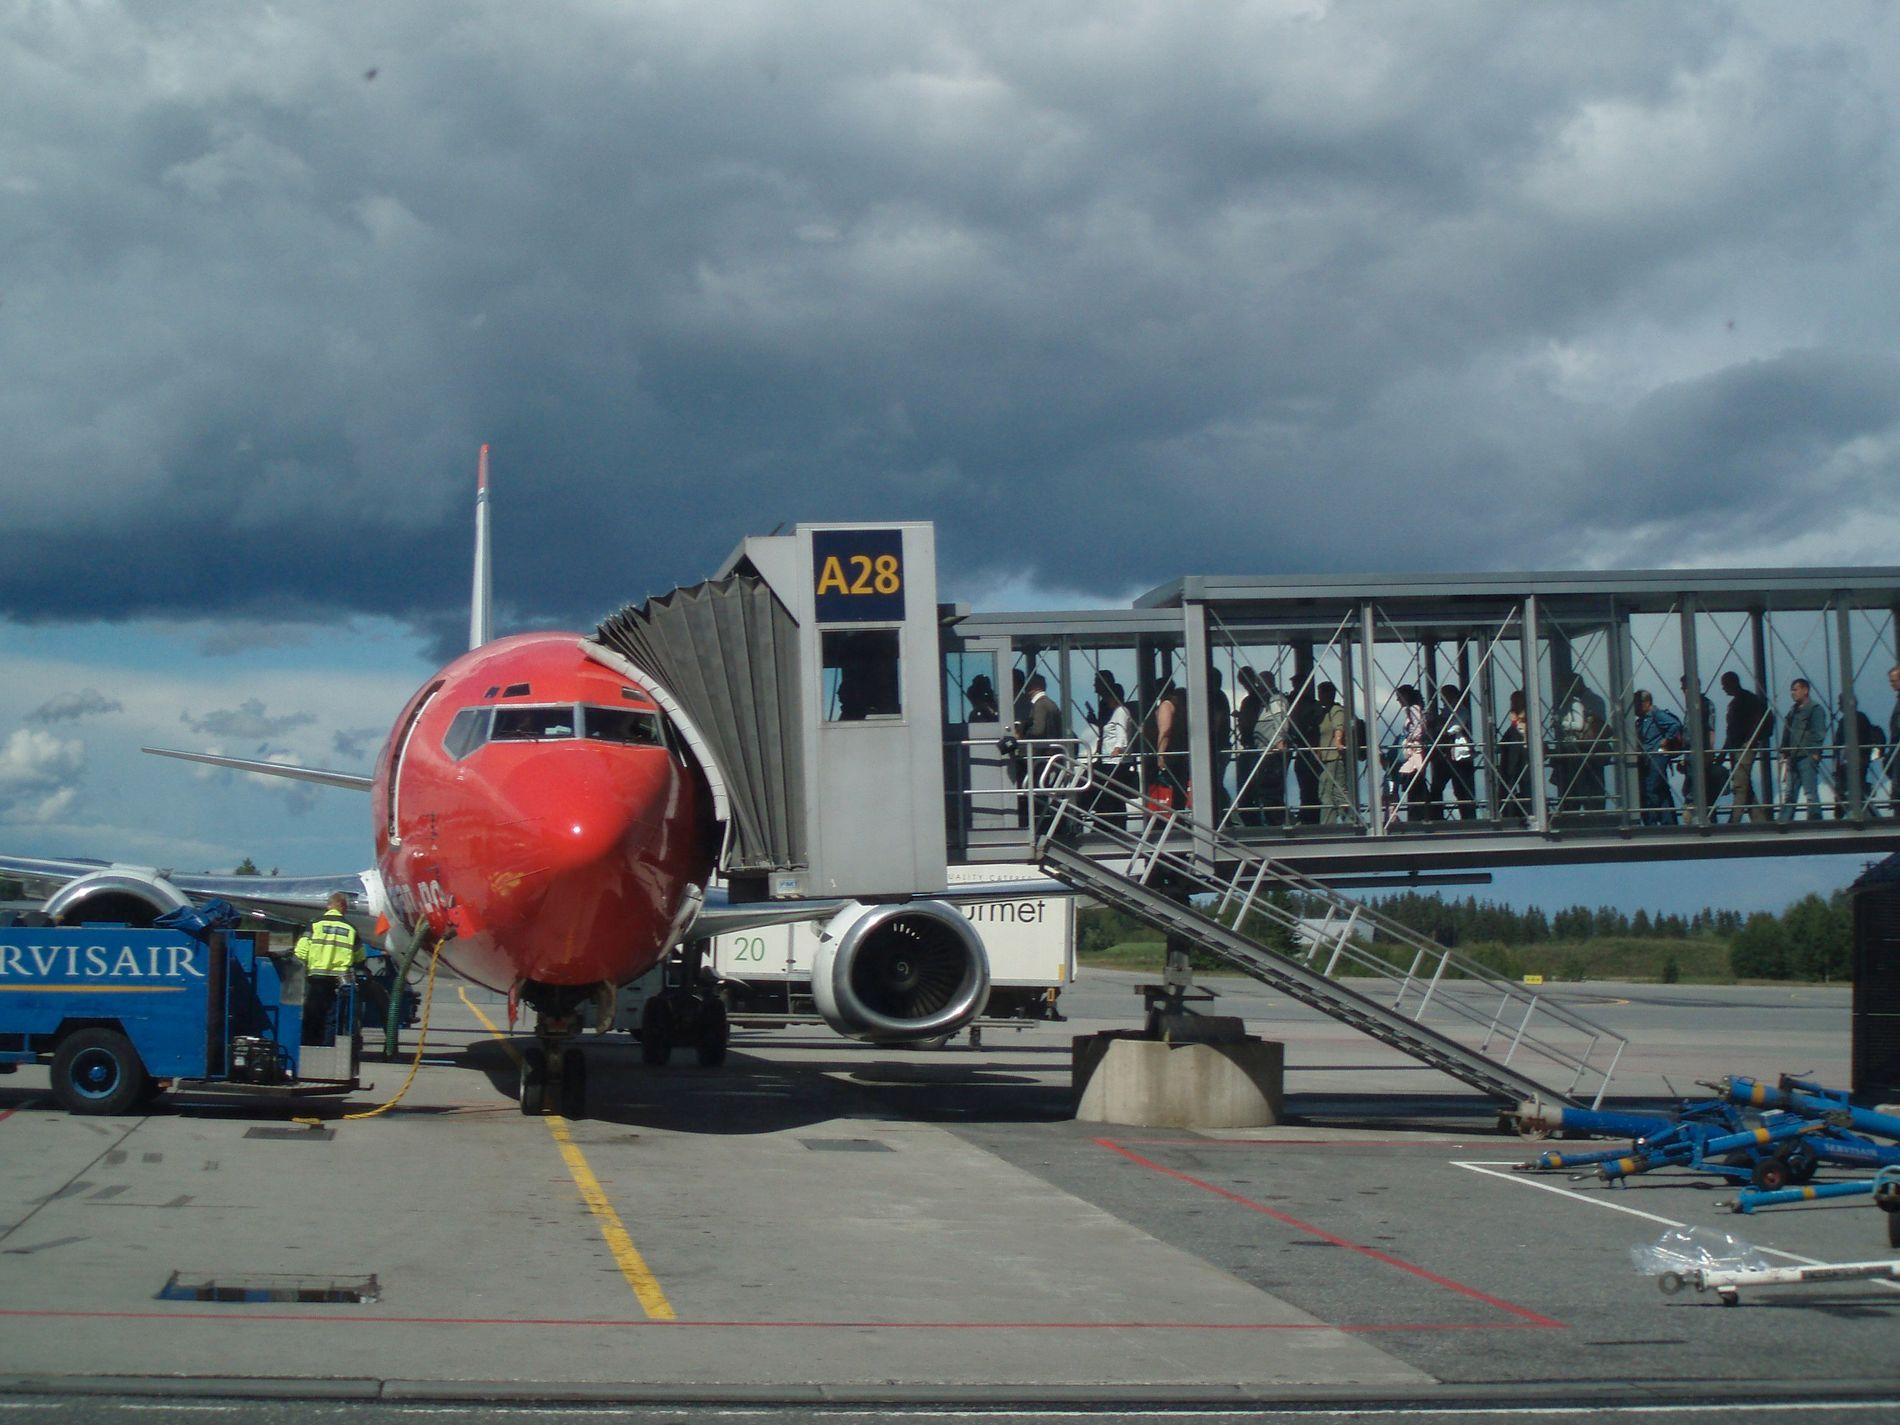 SKAM? – Nordmenn tilhører altså den globale flyeliten. Flyreisene våre er en av de mest ekstravagante eksemplene på at verdens rikeste sløser på bekostning av verdens fattige. Derfor trenger vi flyskam, mener kronikkforfatteren.